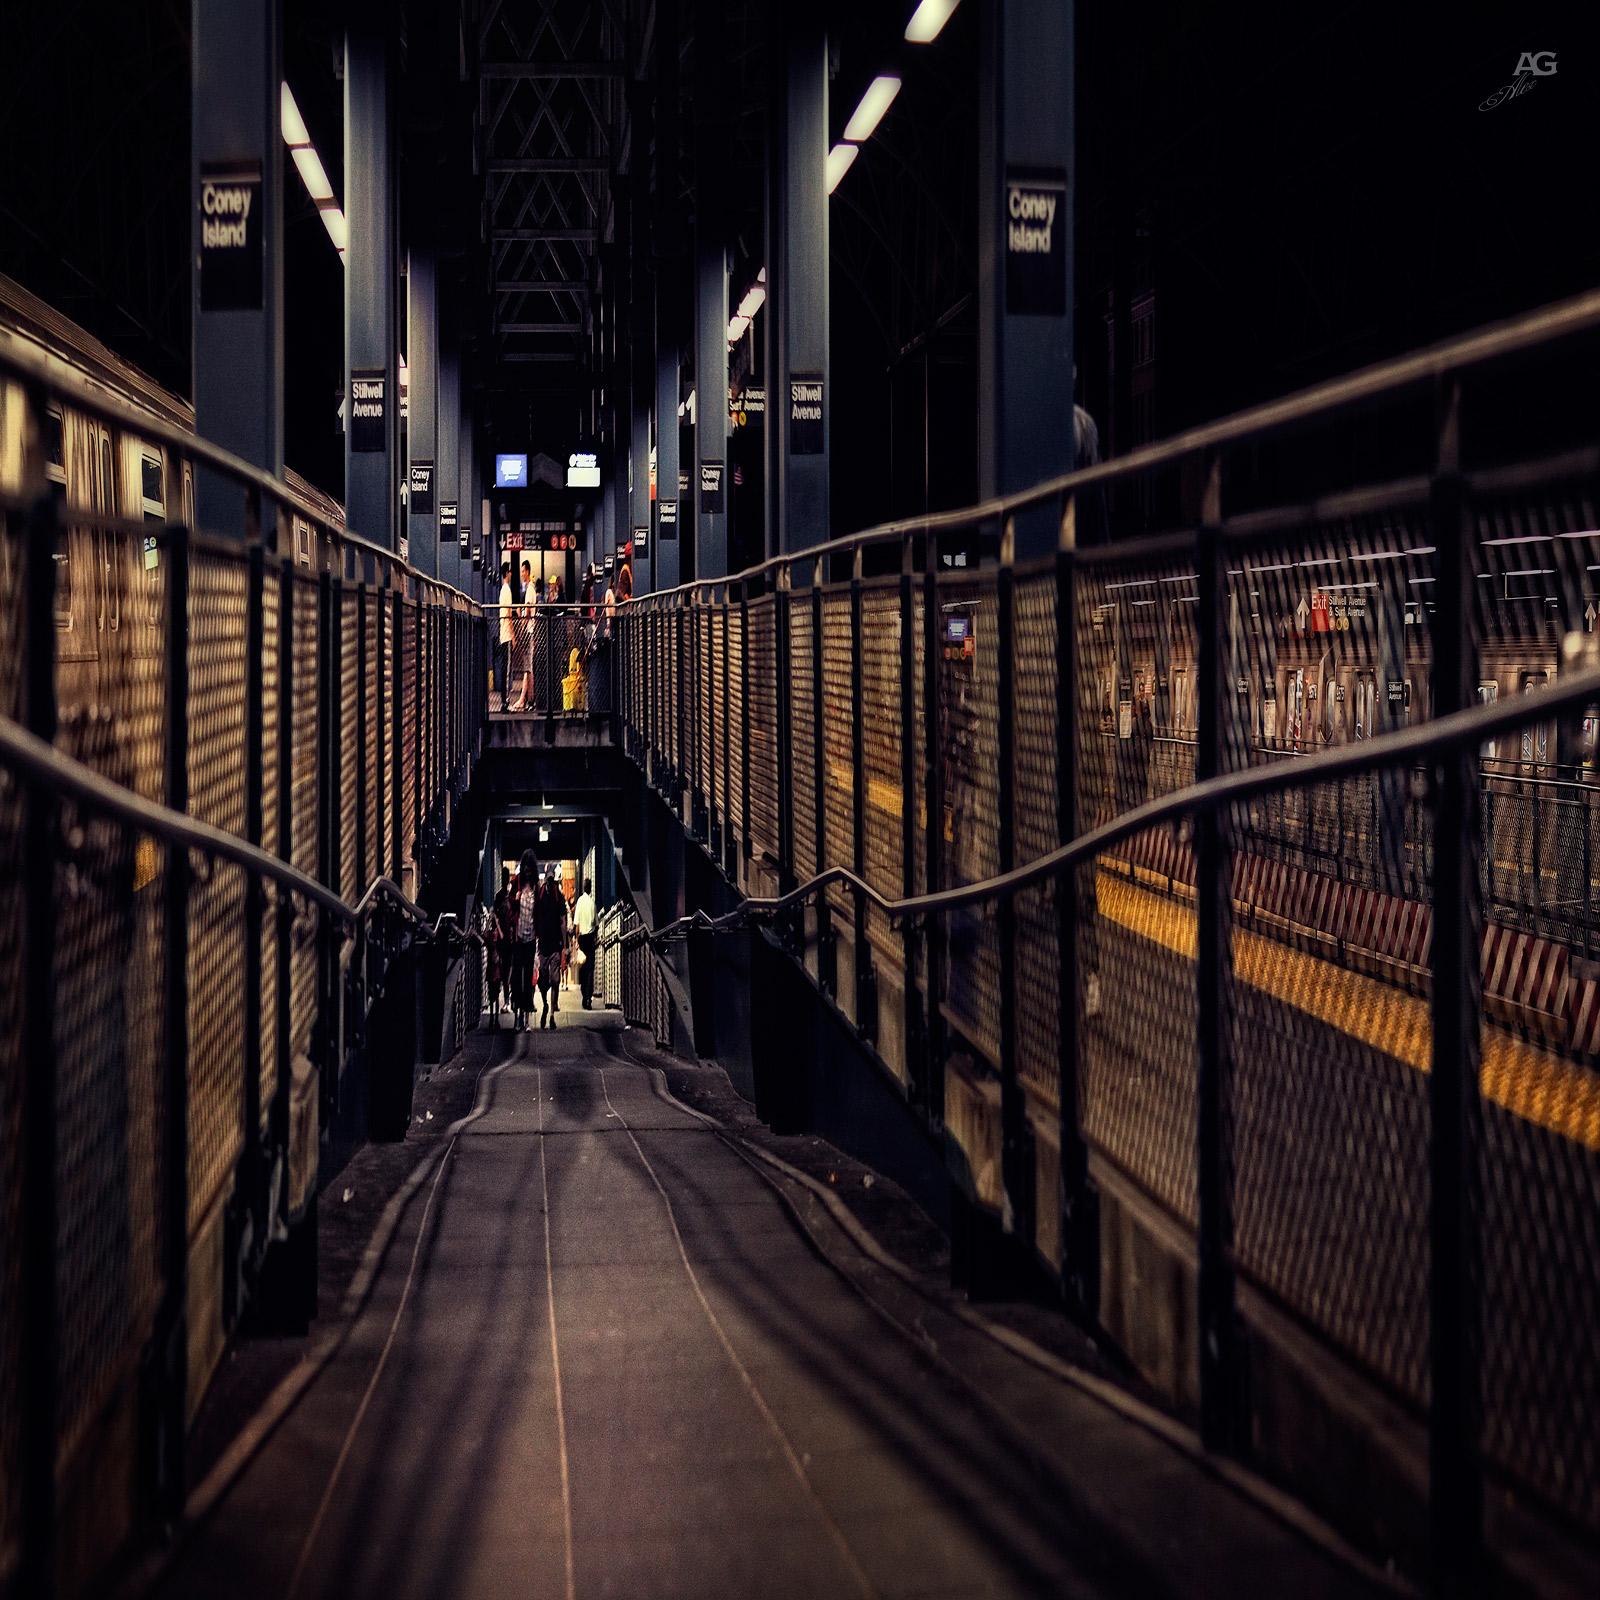 ConeyIslandStillwell_SubwayTrainStation_RampOnAPlatform_squished_1600